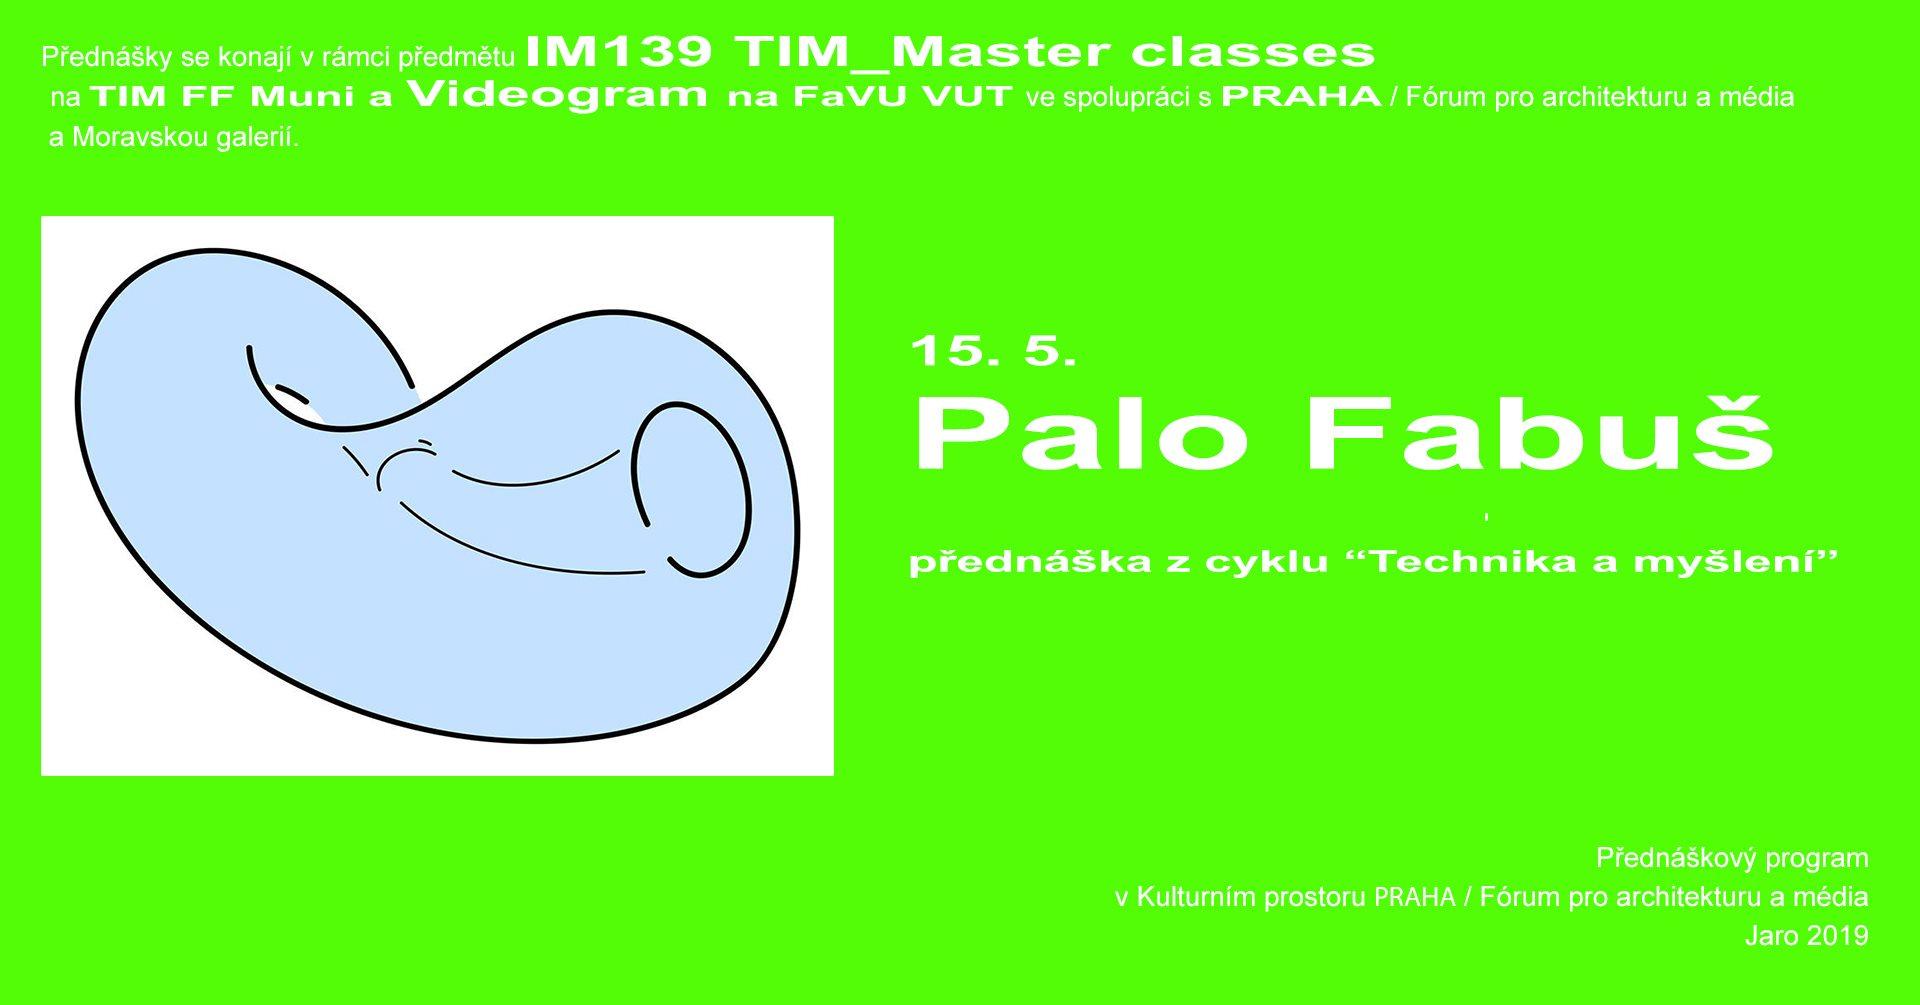 ST / 15.5. / 19.00 / Videogram 88 / TIM Master class: Palo Fabuš – Technika a myšlení: Míra umění a pravidla fantazie / přednáška, projekce